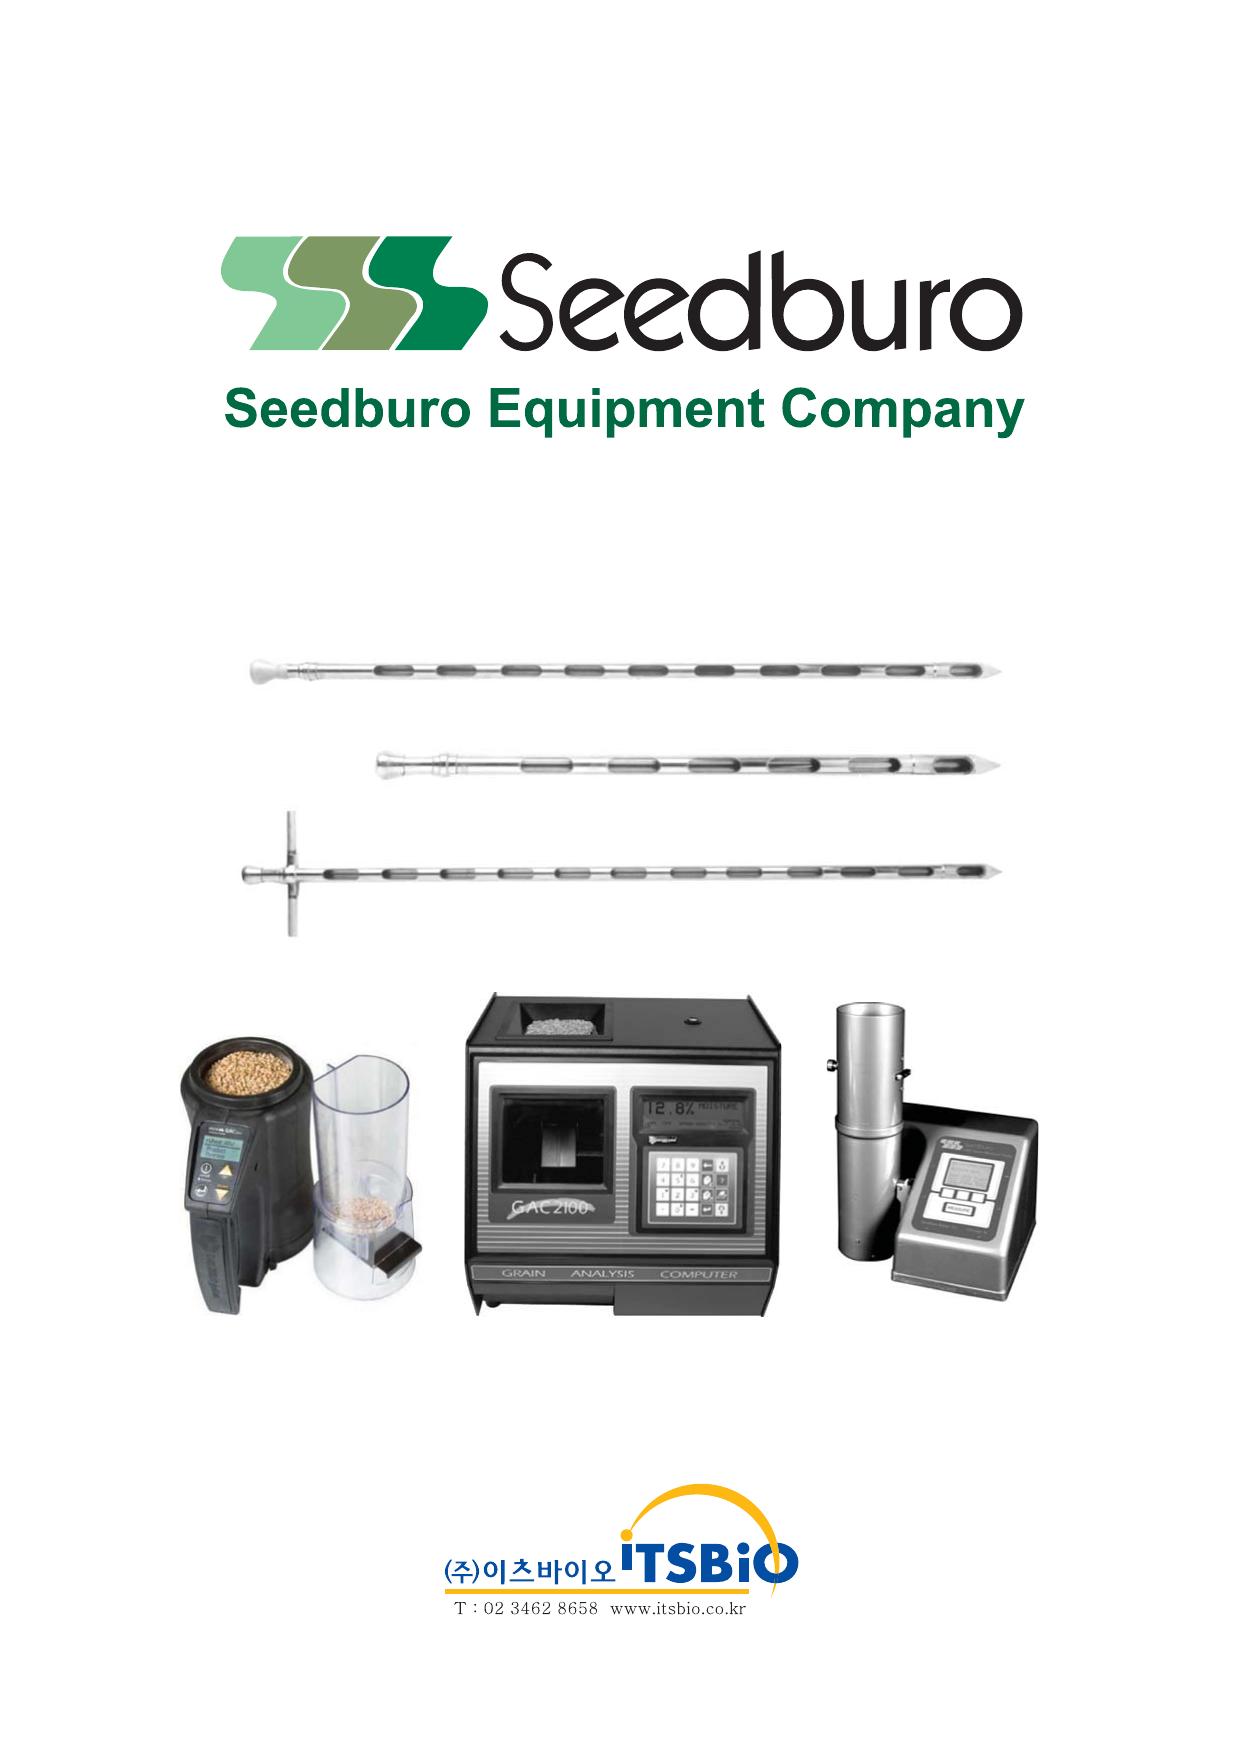 Seedburo Moisture Tester Model Digital 1200d n0wXZON8Pk